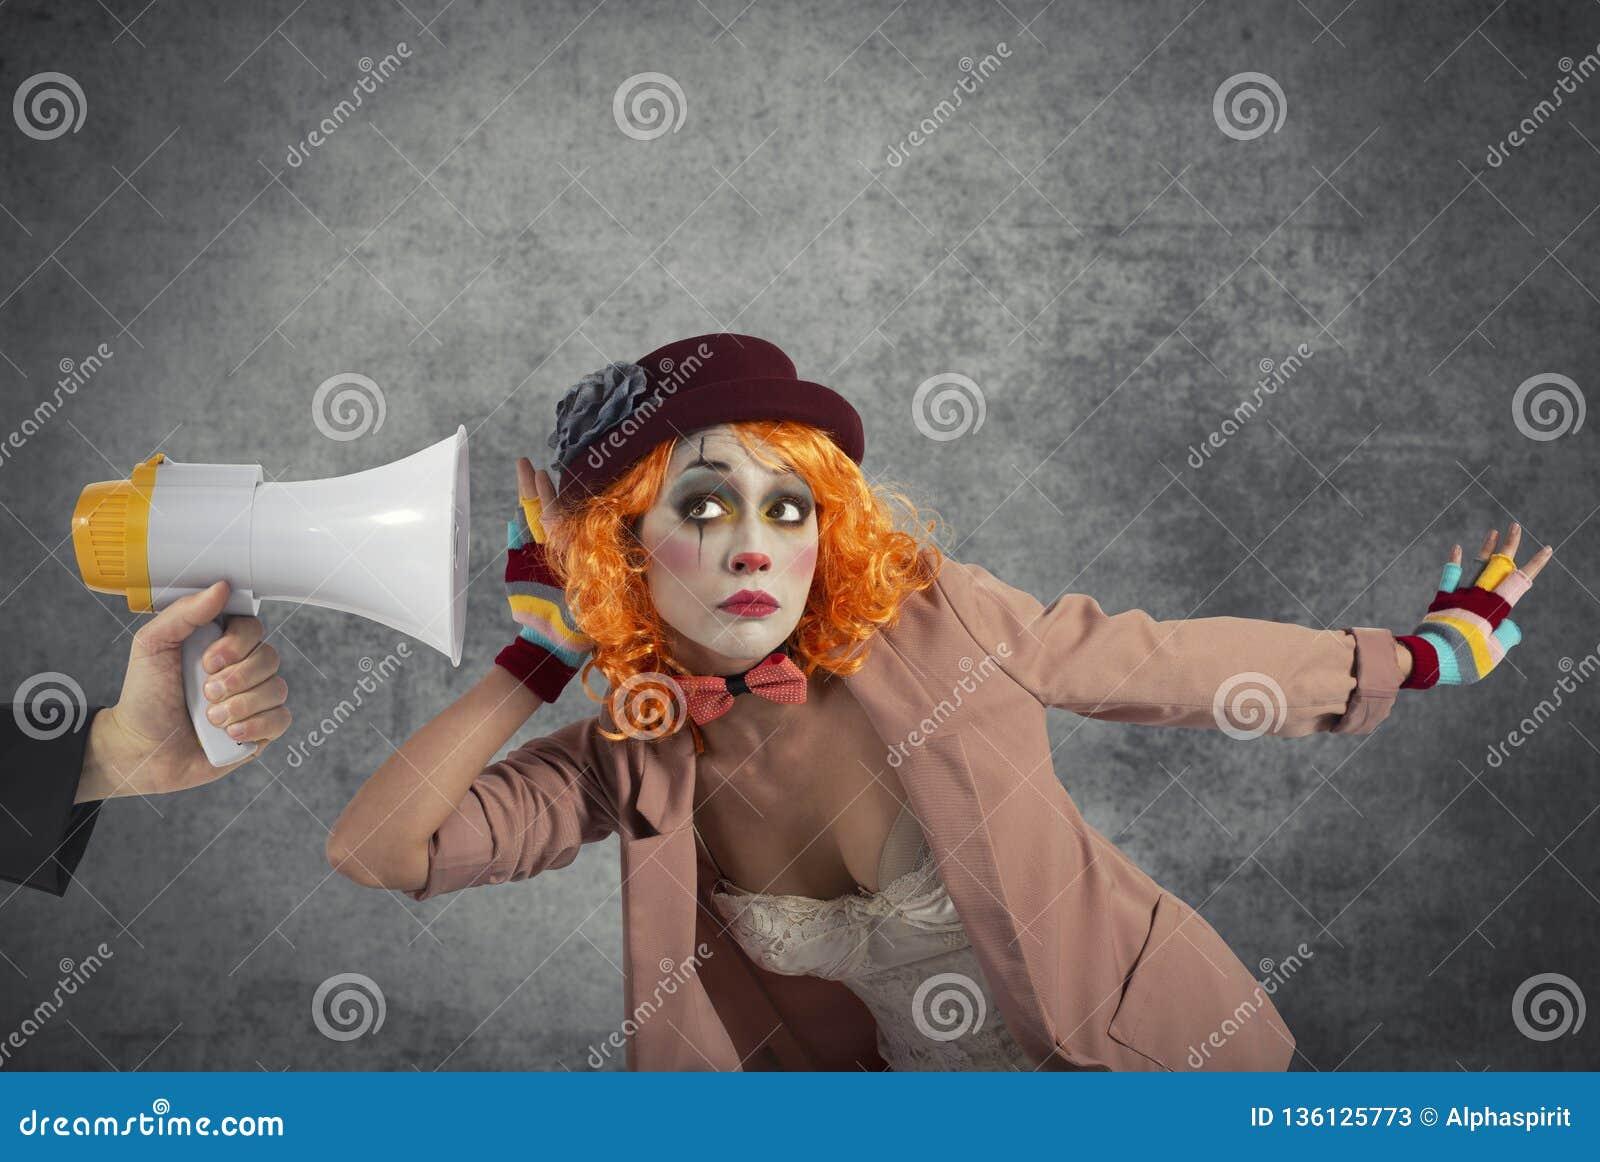 De grappige clown hoort een megafoon met een bericht